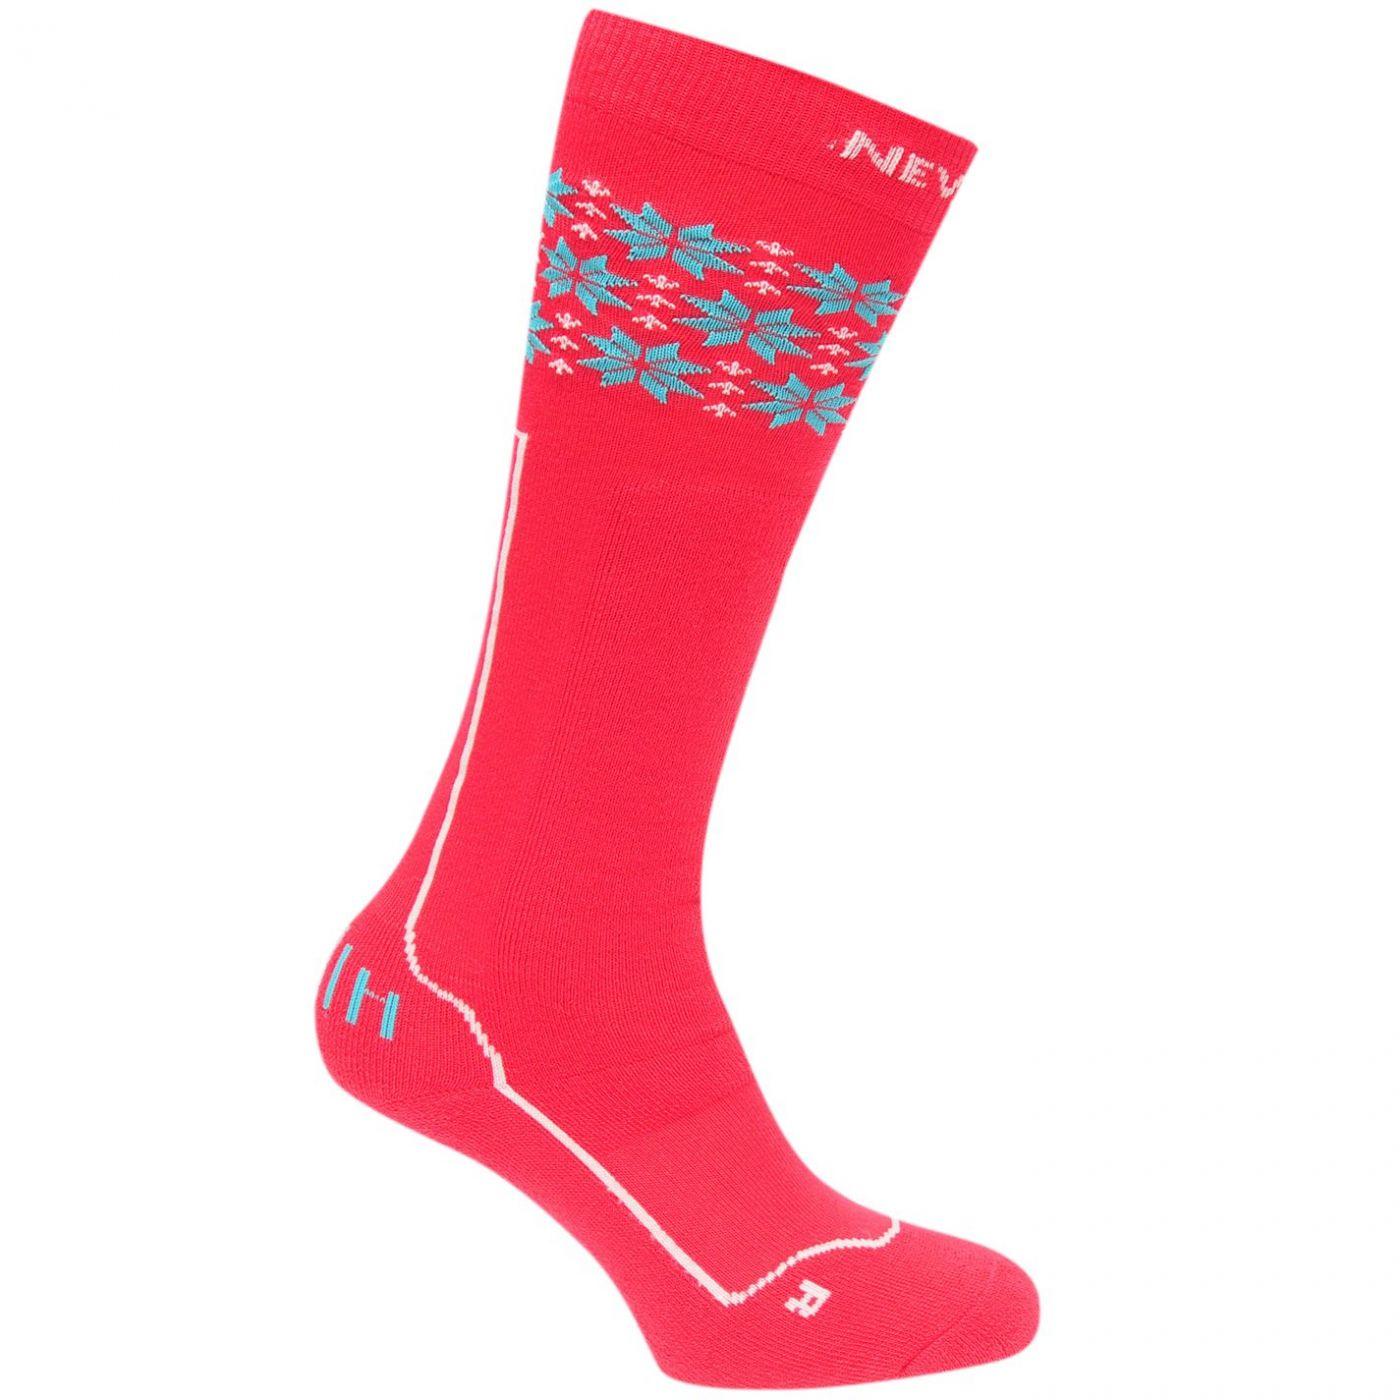 Nevica Vail 1 Pack Ski Socks Juniors